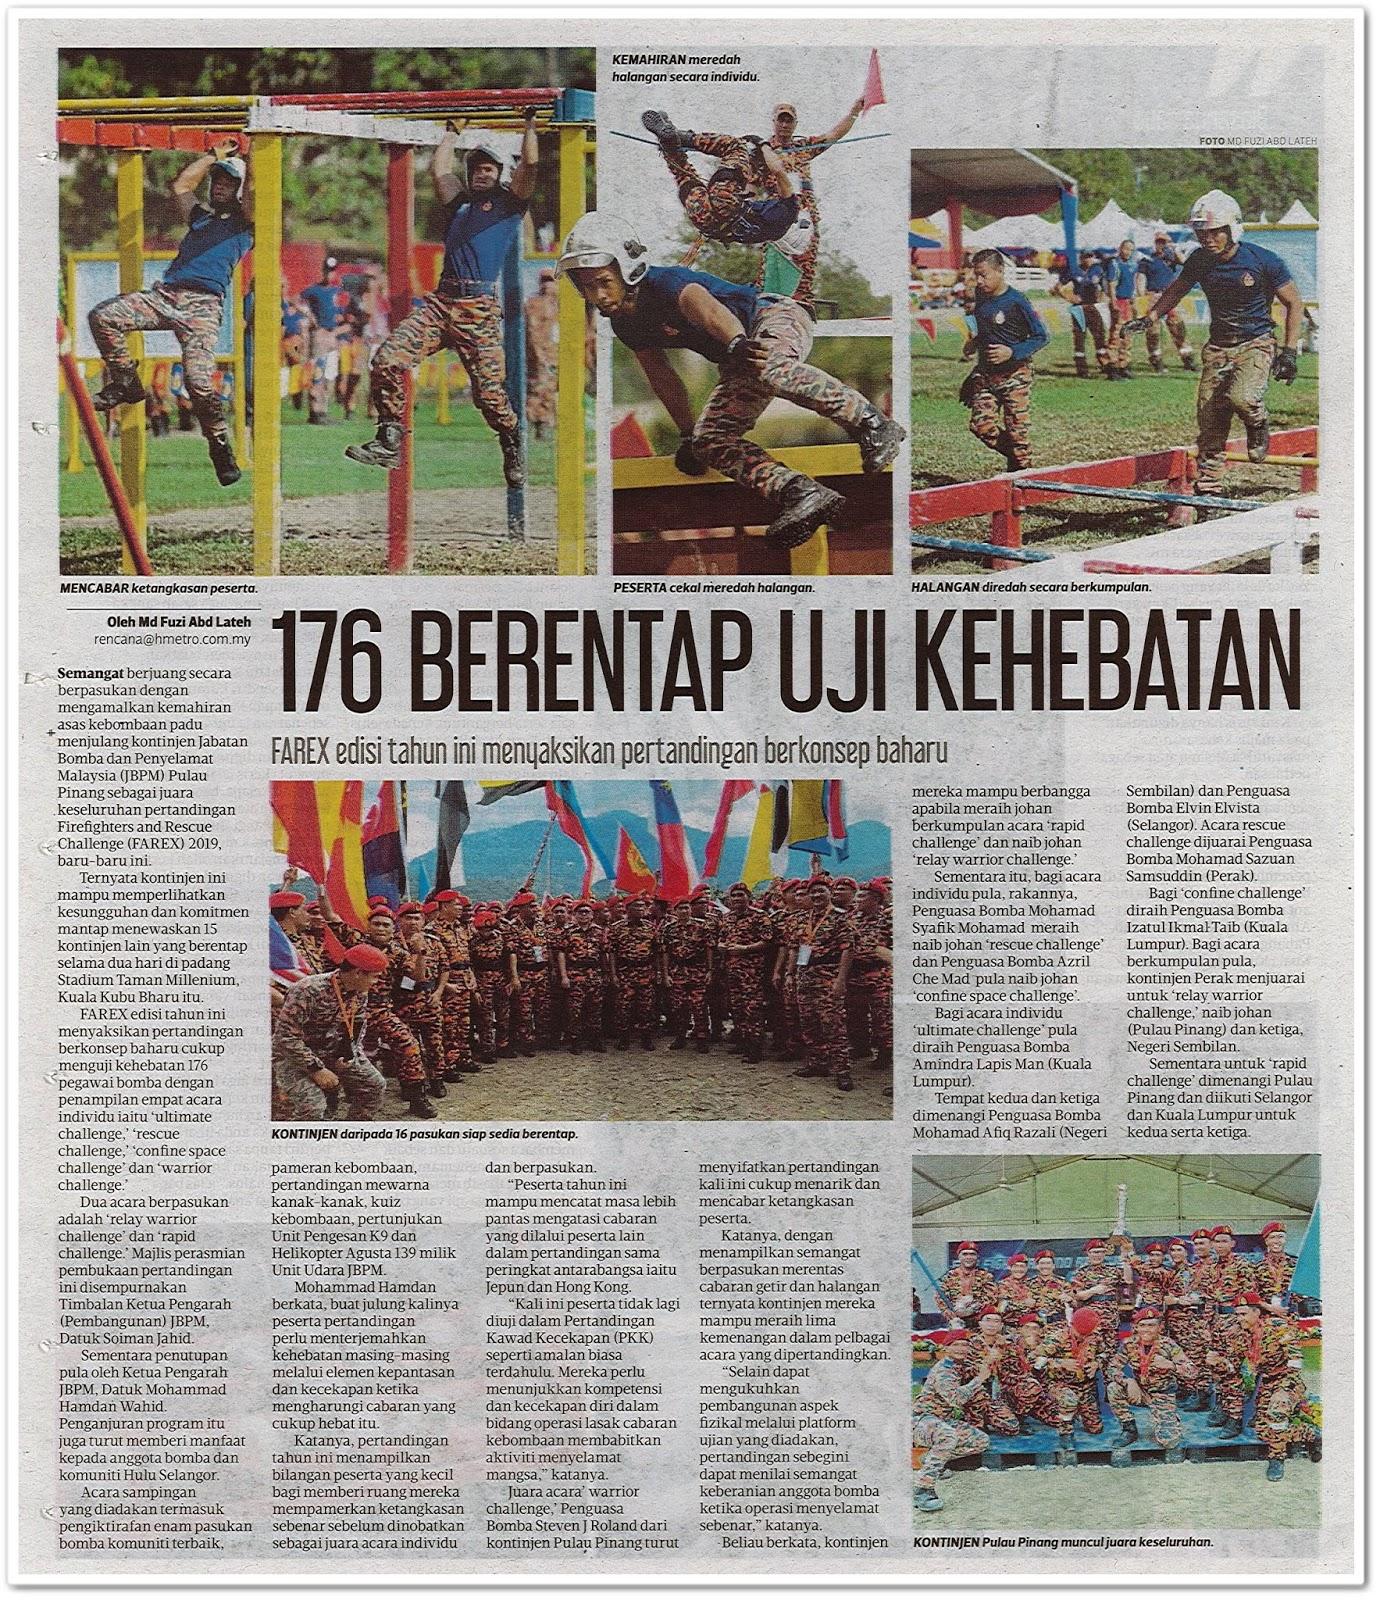 176 berentap uji kehebatan - Keratan akhbar Harian Metro 18 Disember 2019